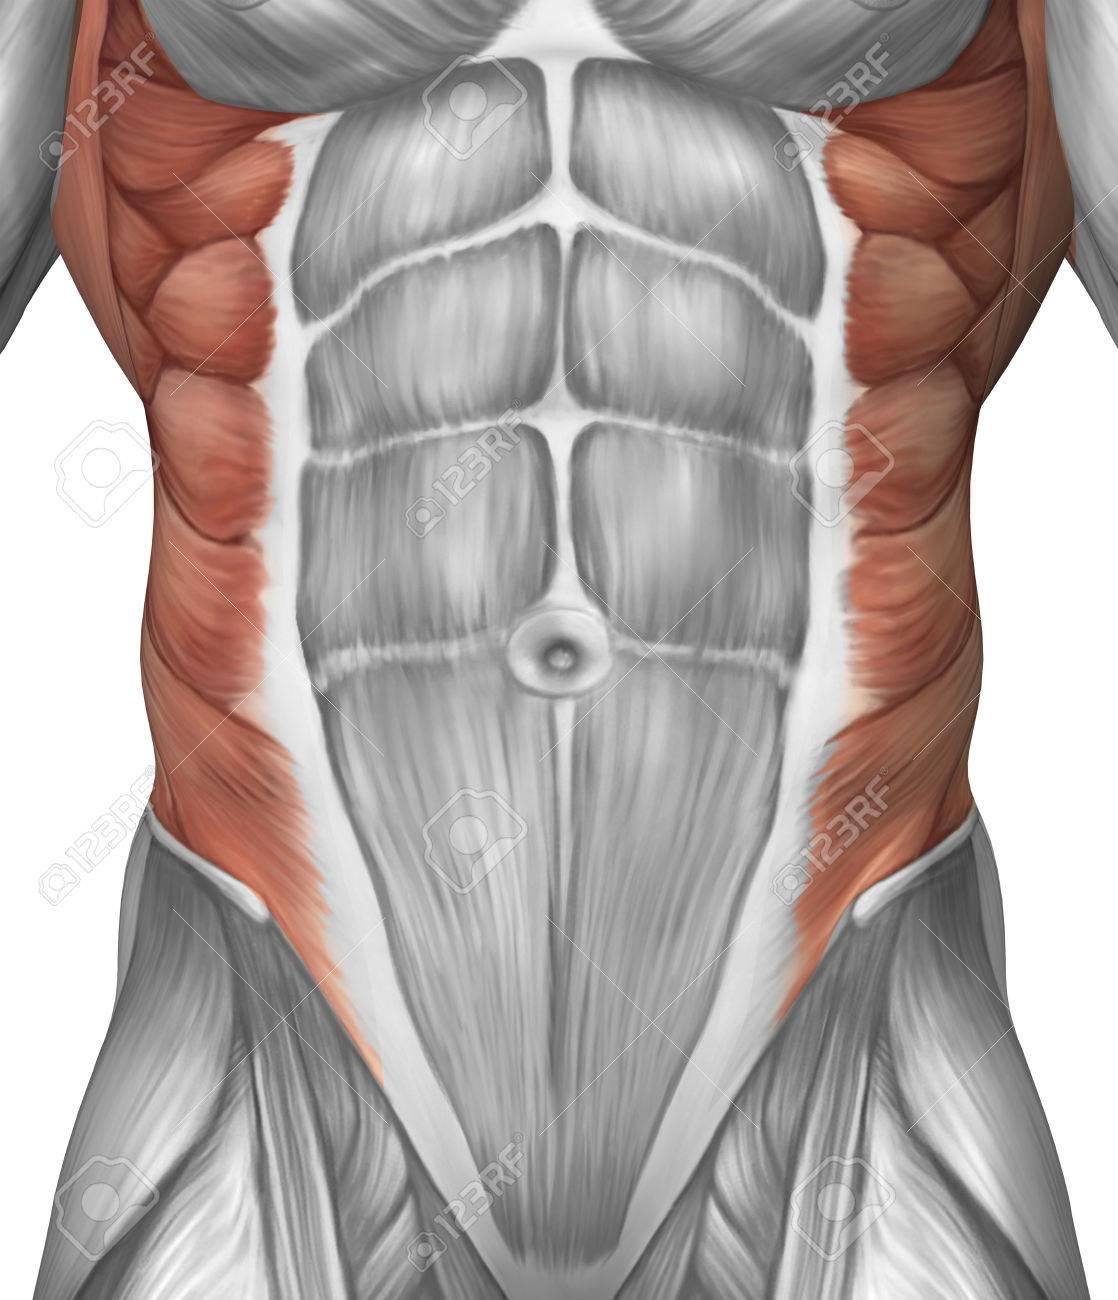 Anatomía Muscular Masculina De La Pared Abdominal. Fotos, Retratos ...